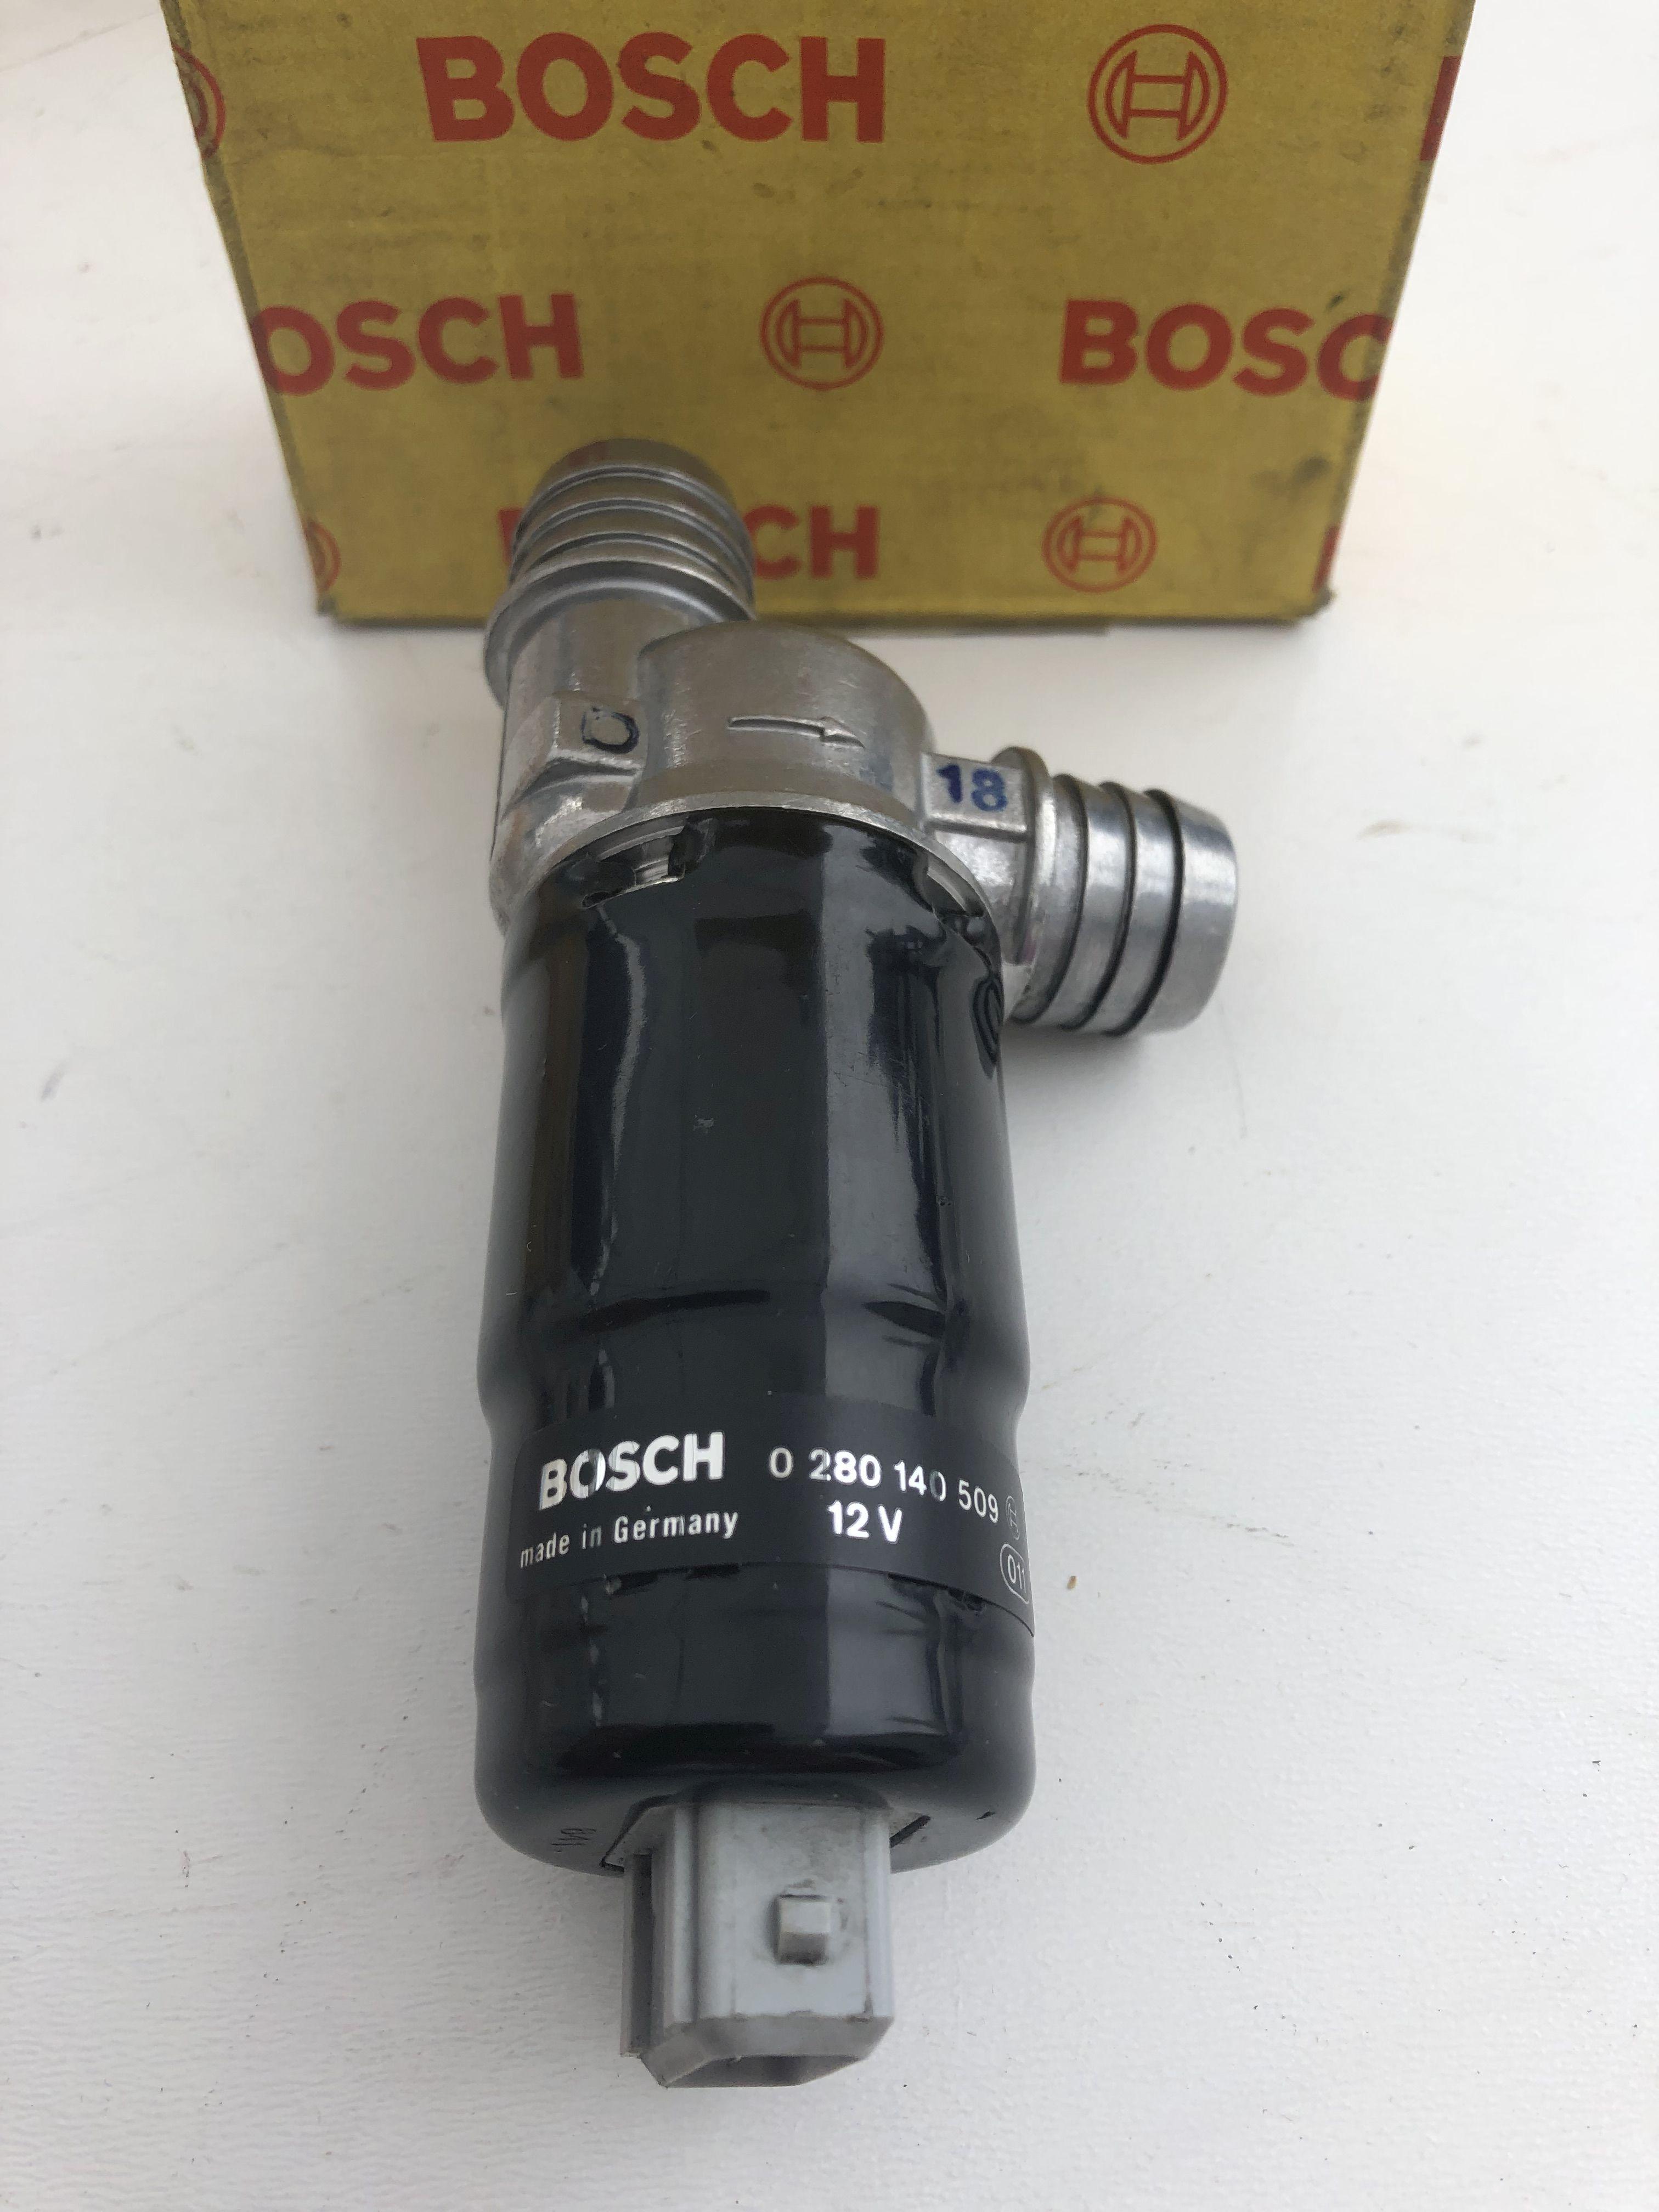 Bosch 0280140509 Leerlaufventil Contrôleurs inactifs Idle controllers Porsche